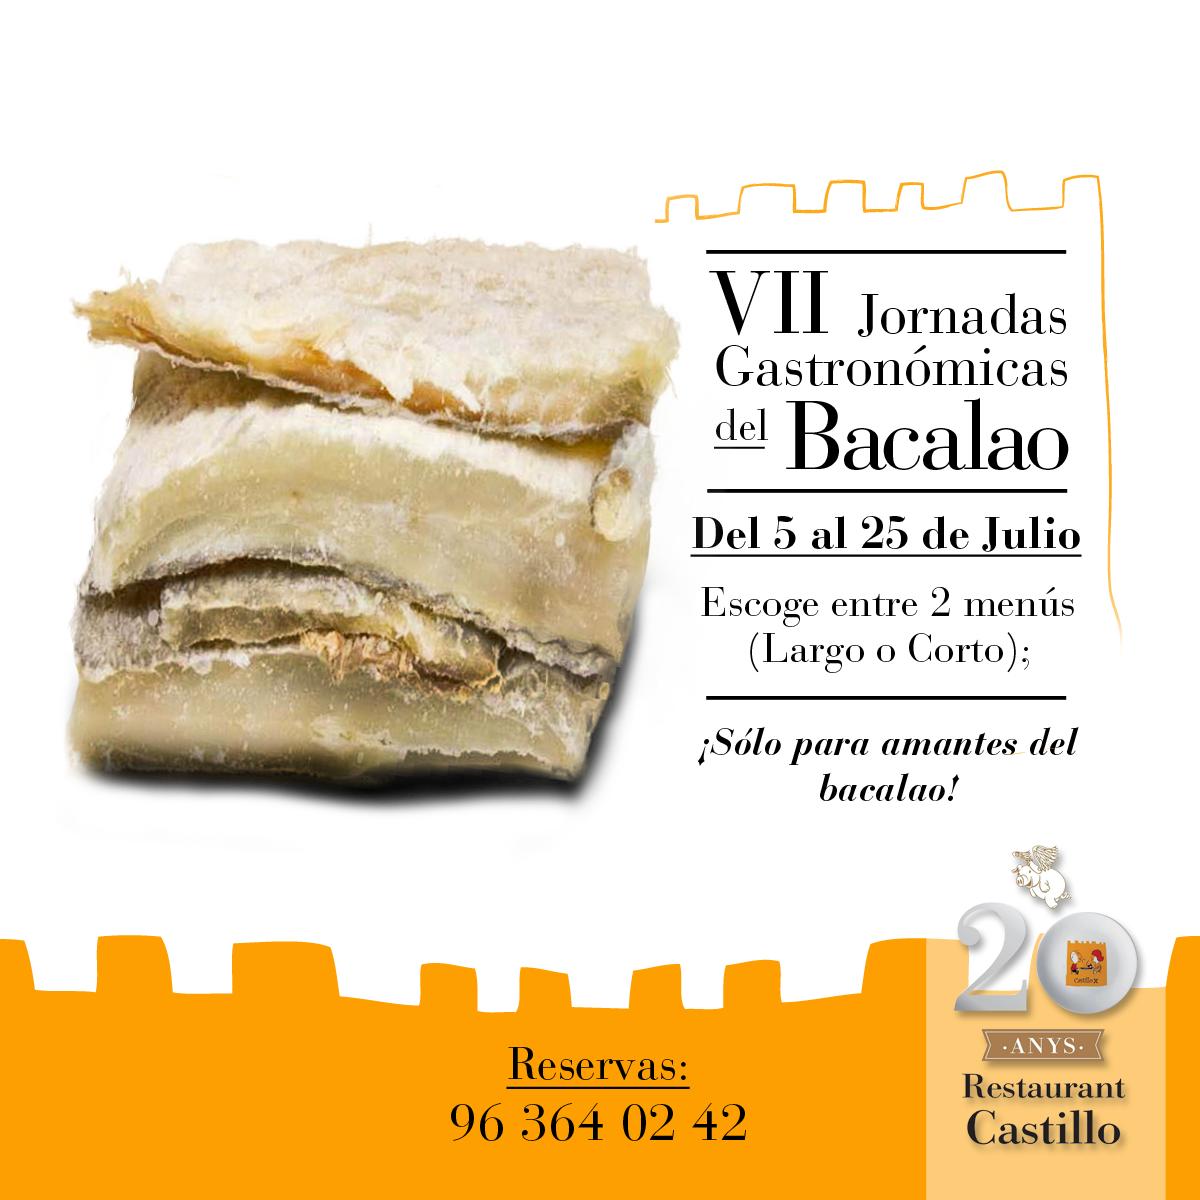 Jornadas gastronómicas del Bacalao en Restaurante Castillo